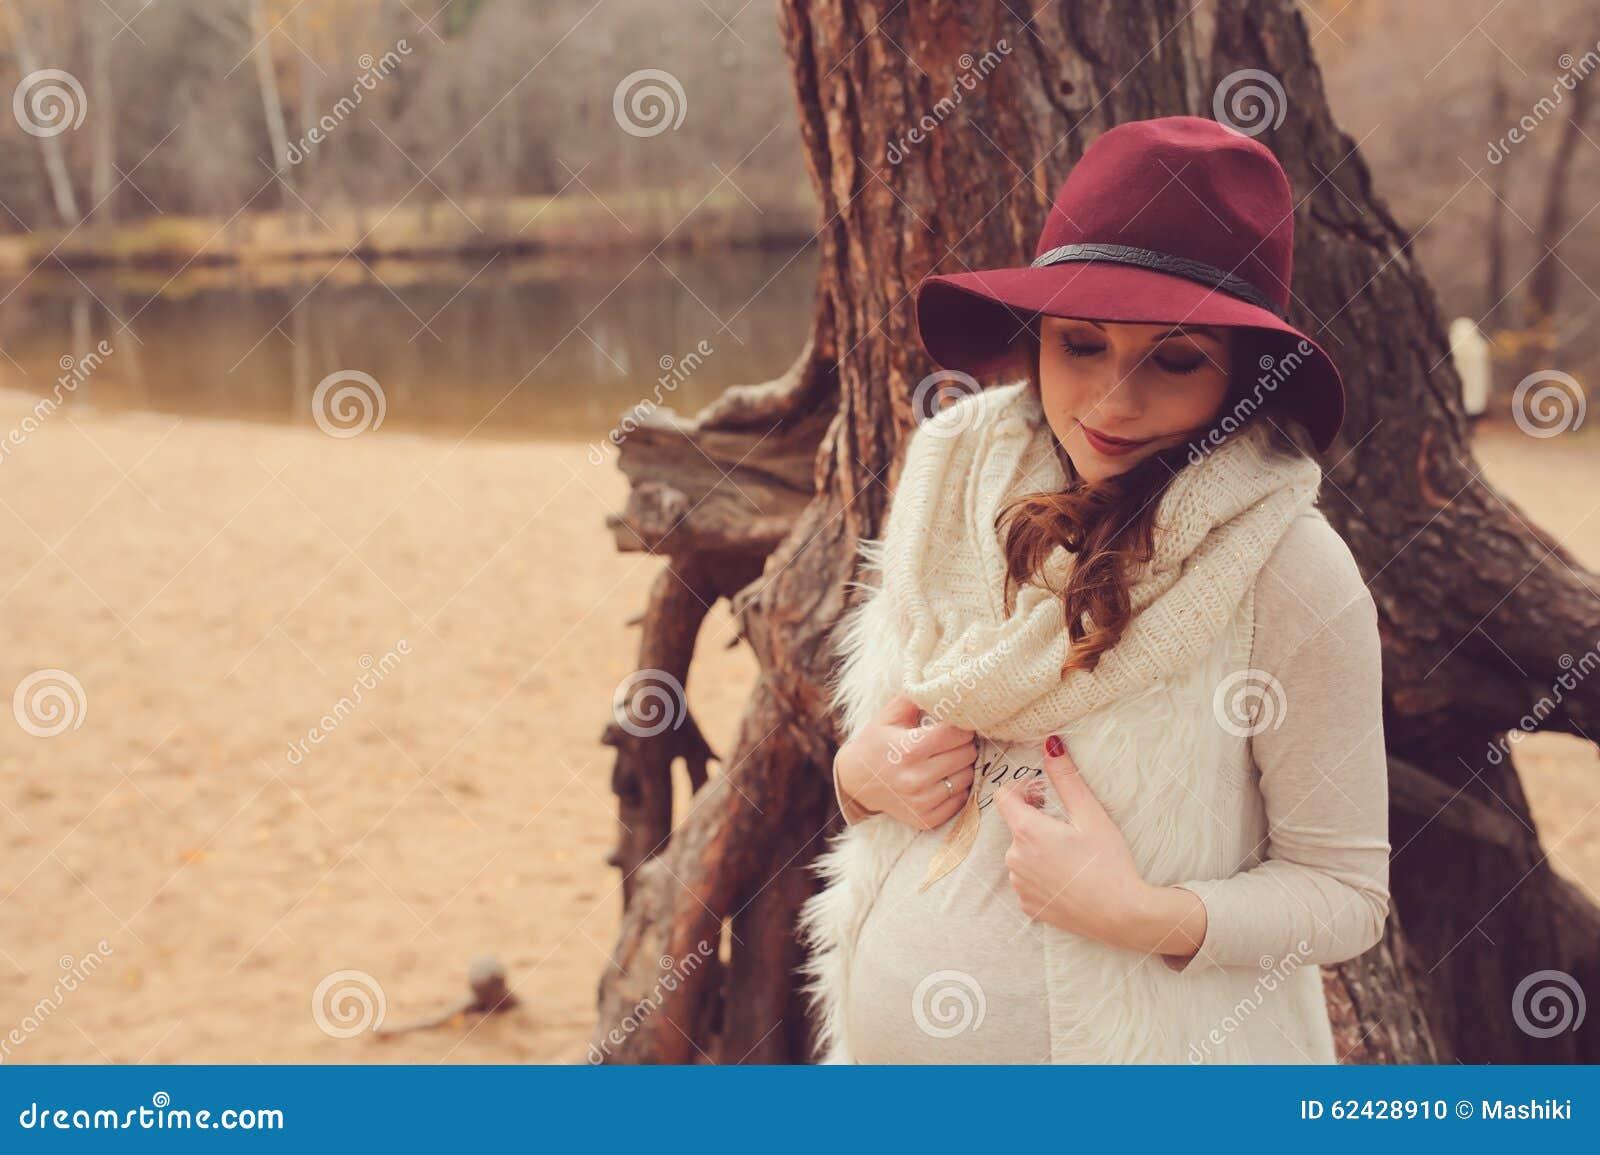 Красивая беременная женщина в шляпе моды на уютной теплой внешней прогулке